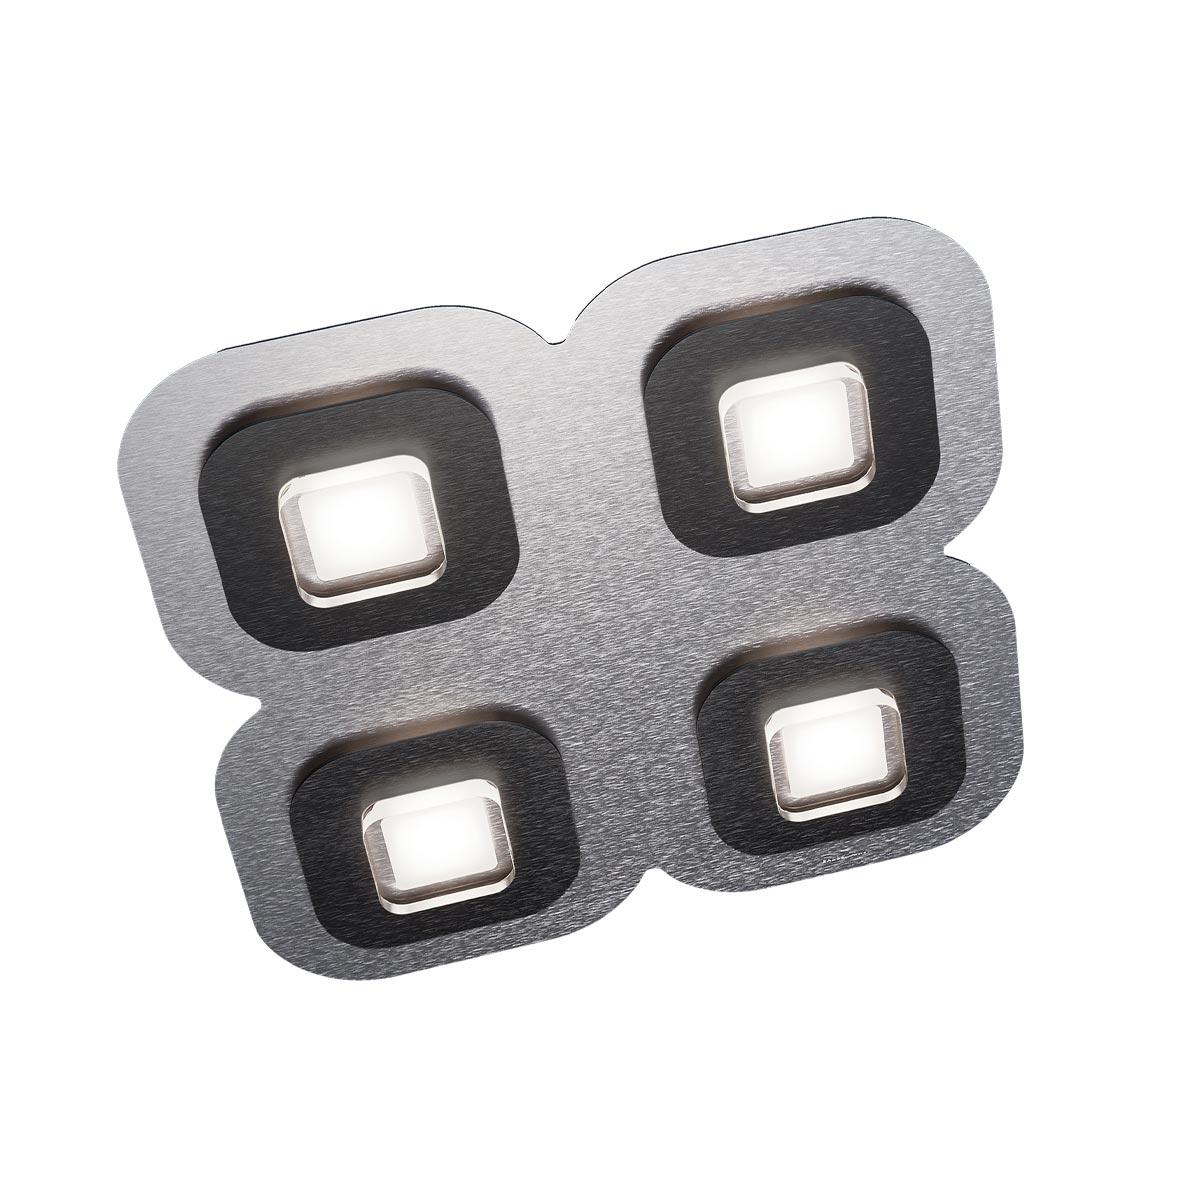 Grossmann Ap LED Deckenleuchte, 4-flg., quadratisch 75-821-068